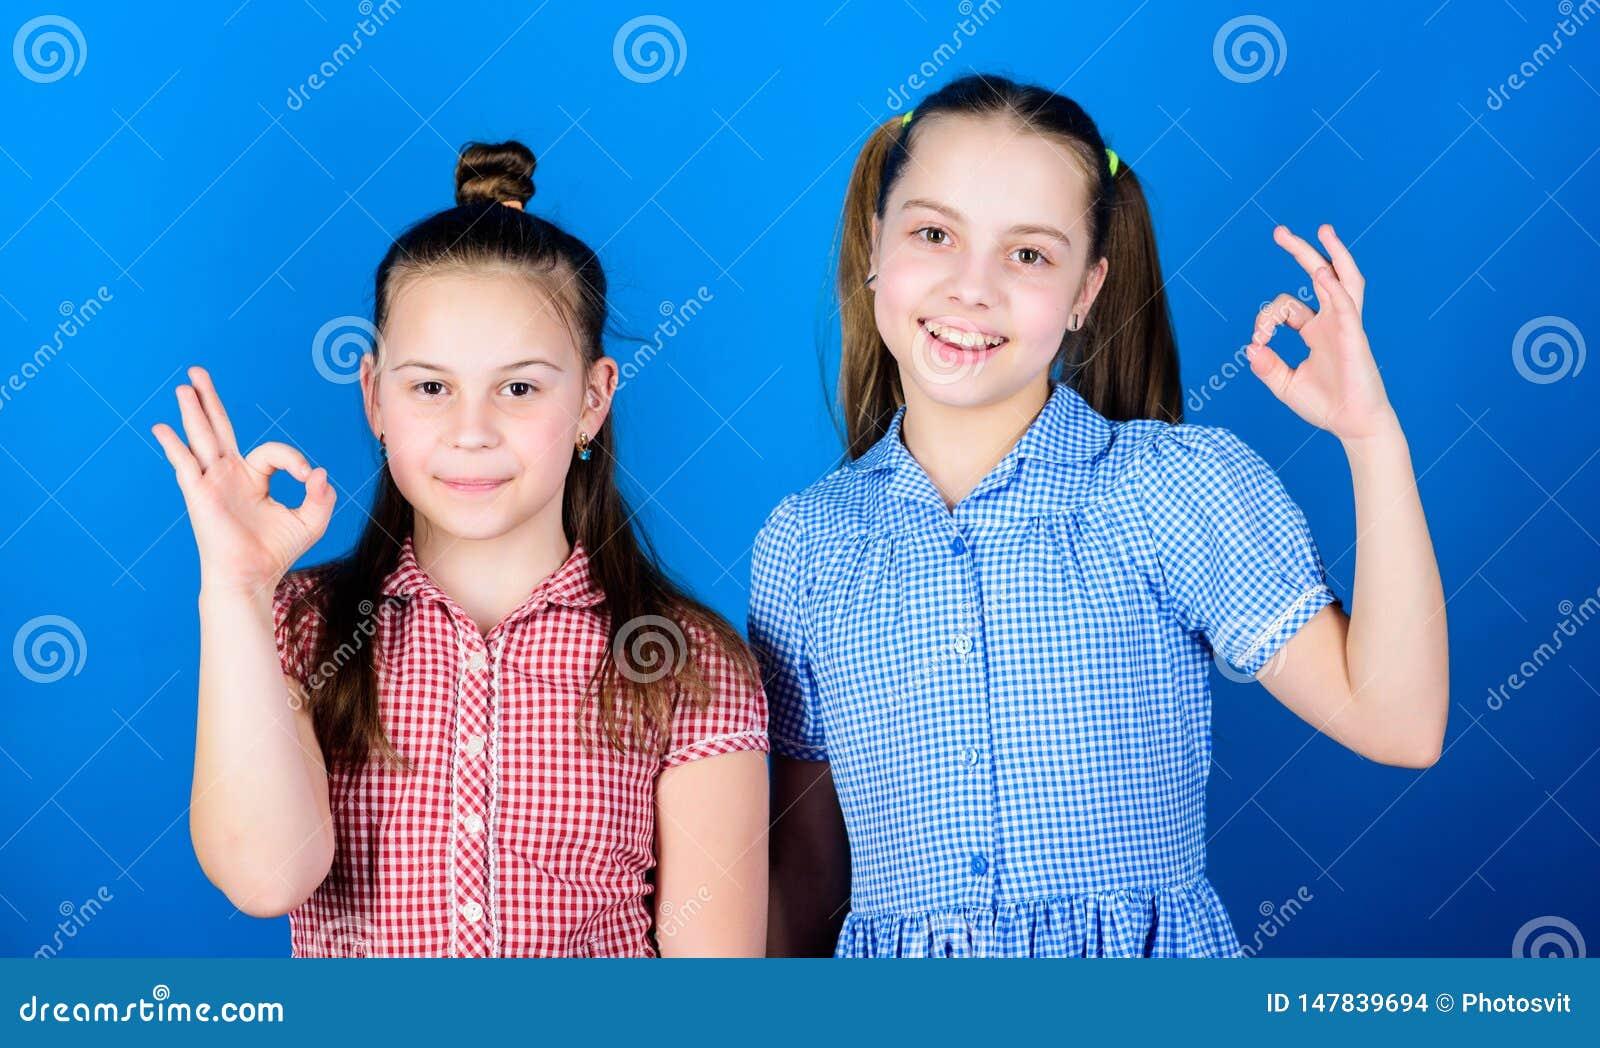 E 愉快的一起儿童游戏 有姐妹总是乐趣 可爱的姐妹笑容 ??